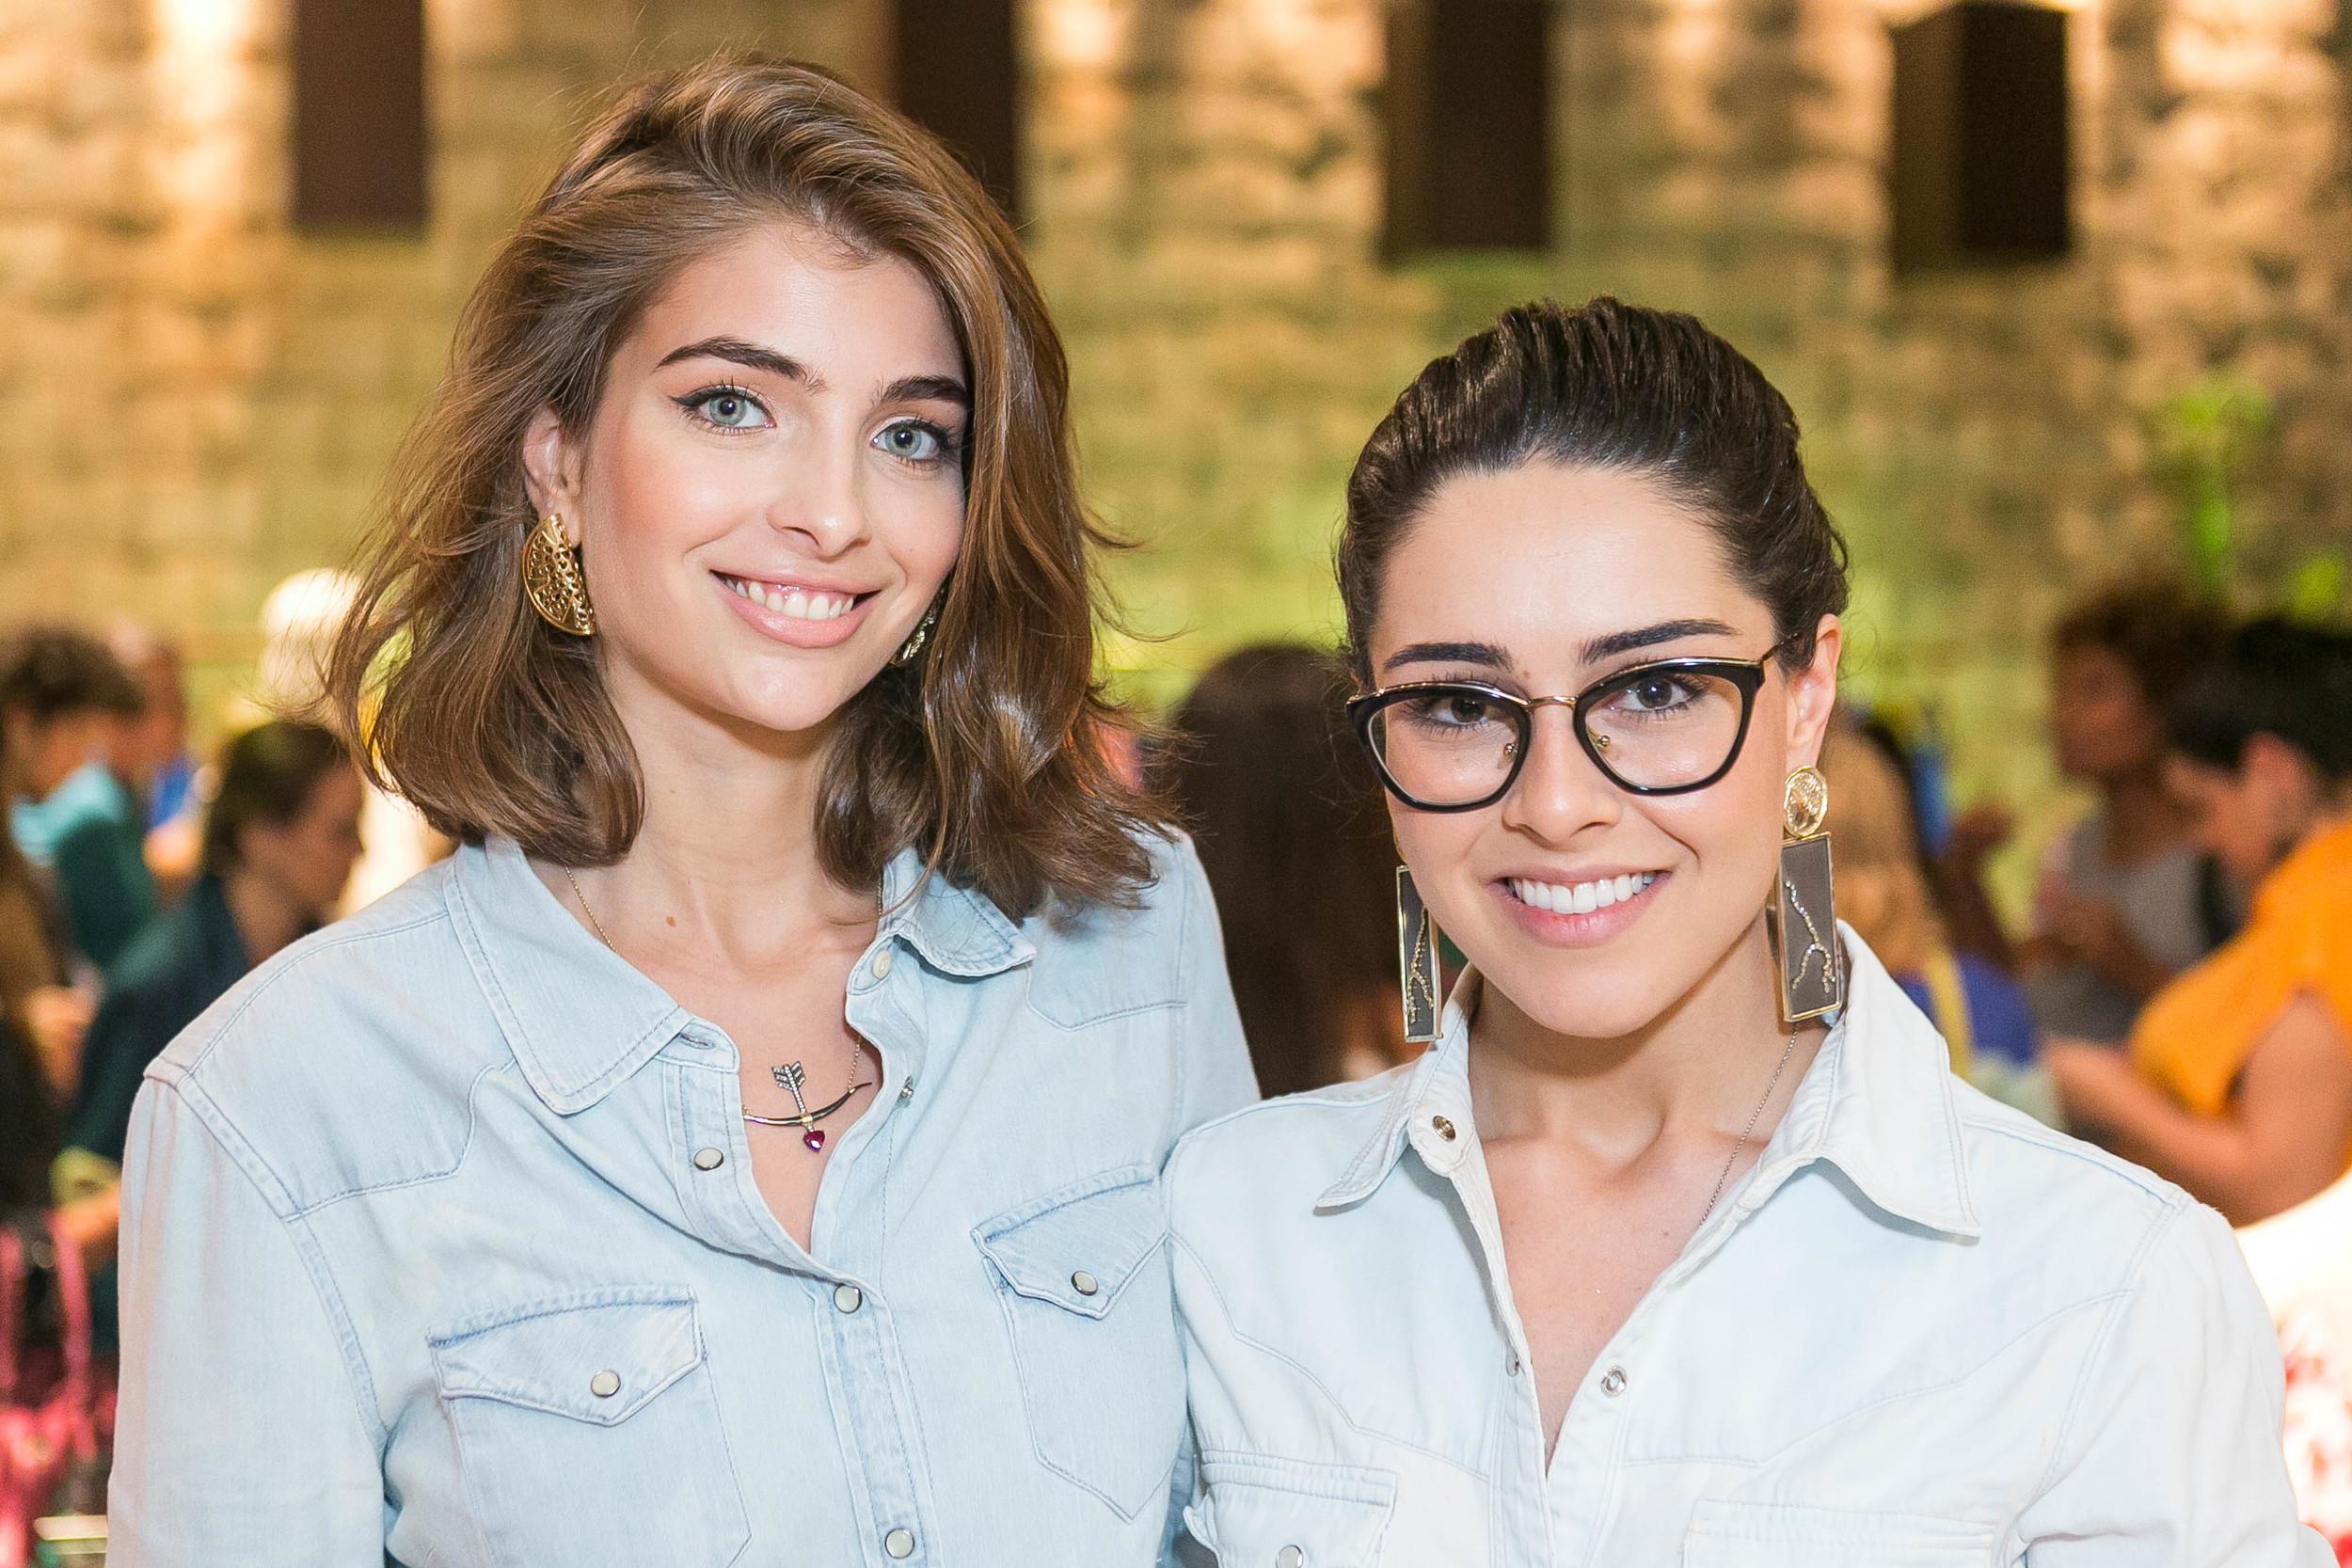 Maria frering e camila Cunha-5299.jpg